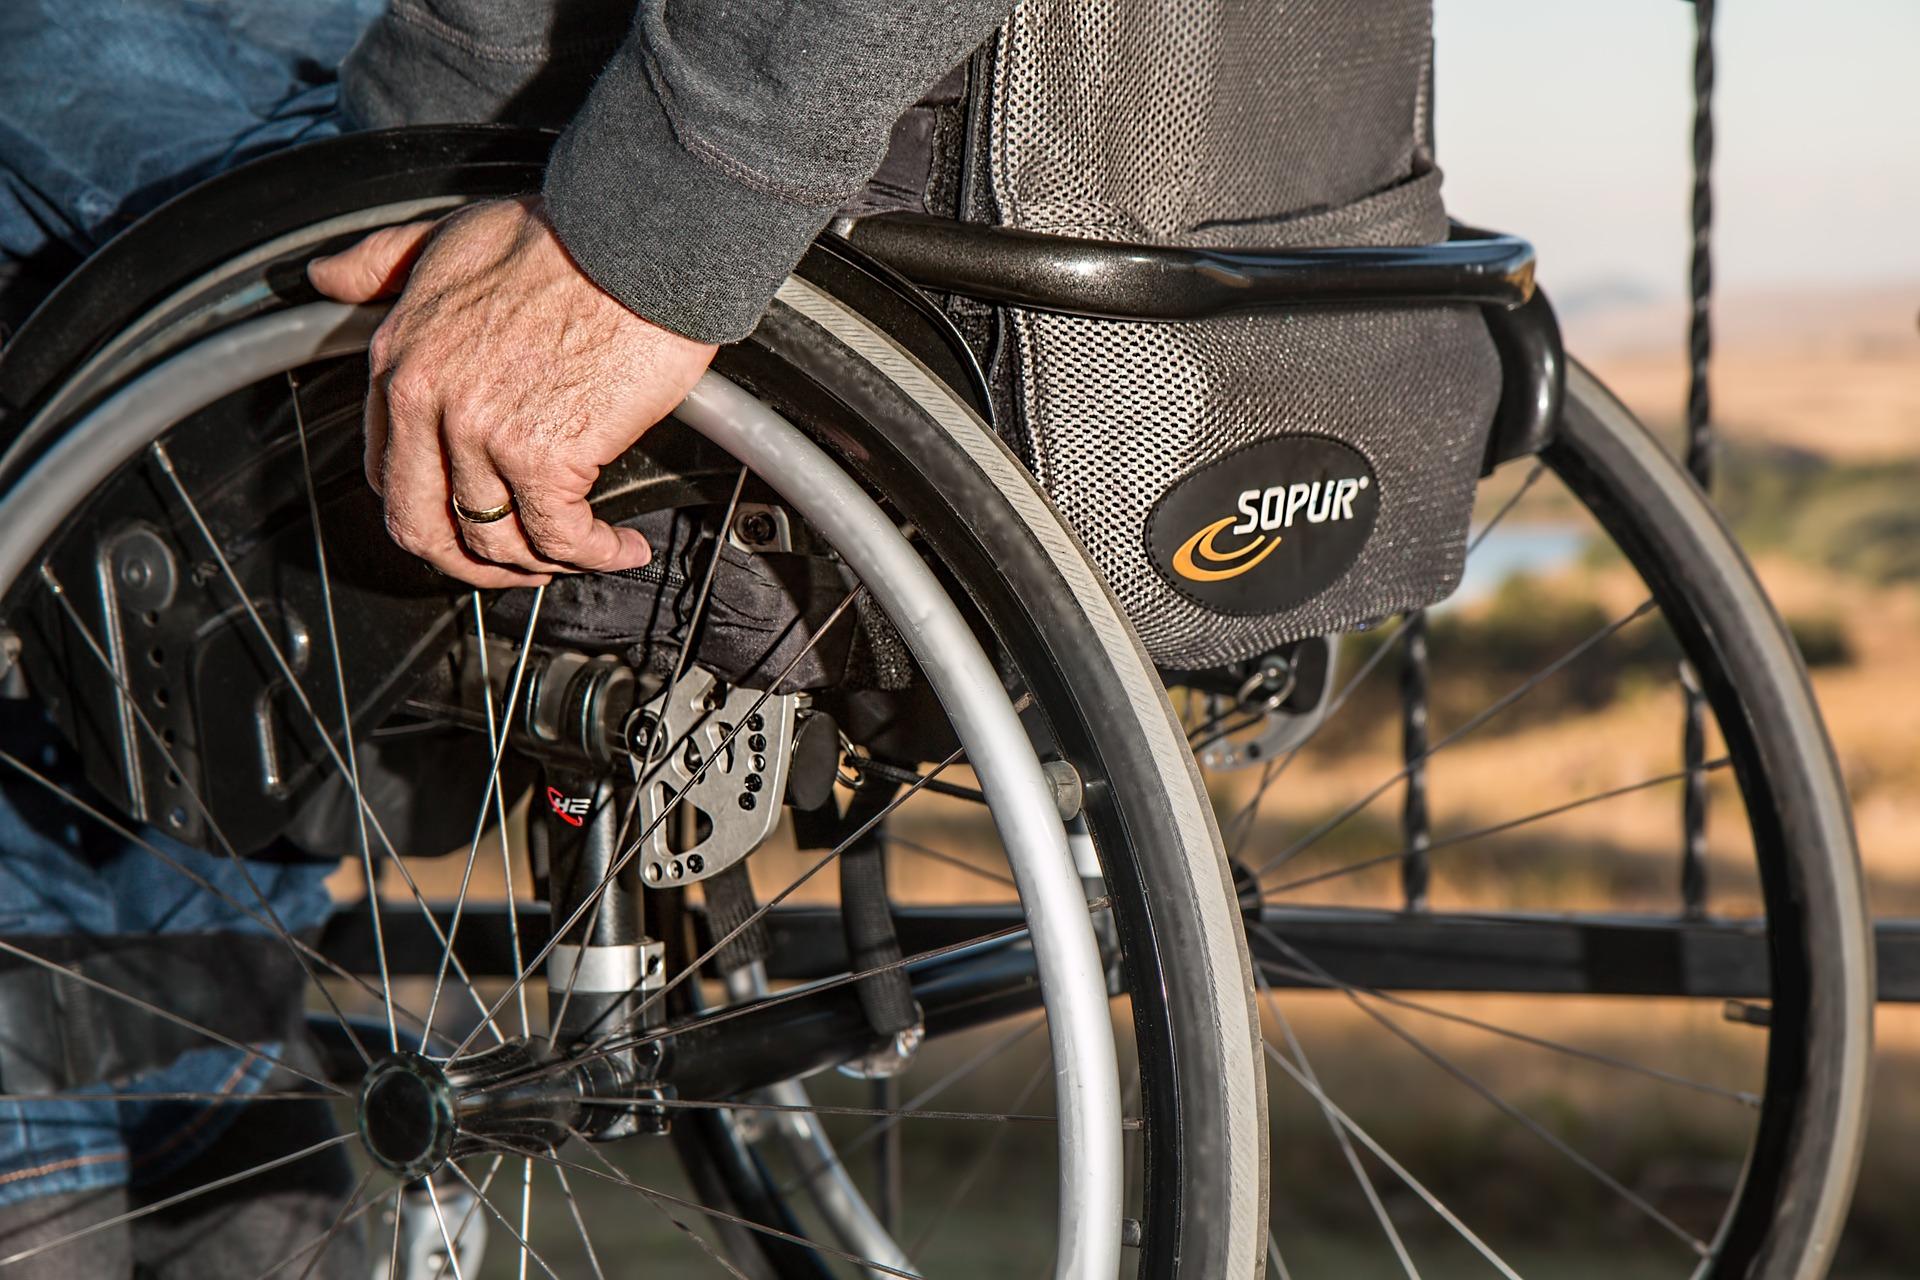 Comprar ou alugar cadeira de rodas? Vantagens e desvantagens